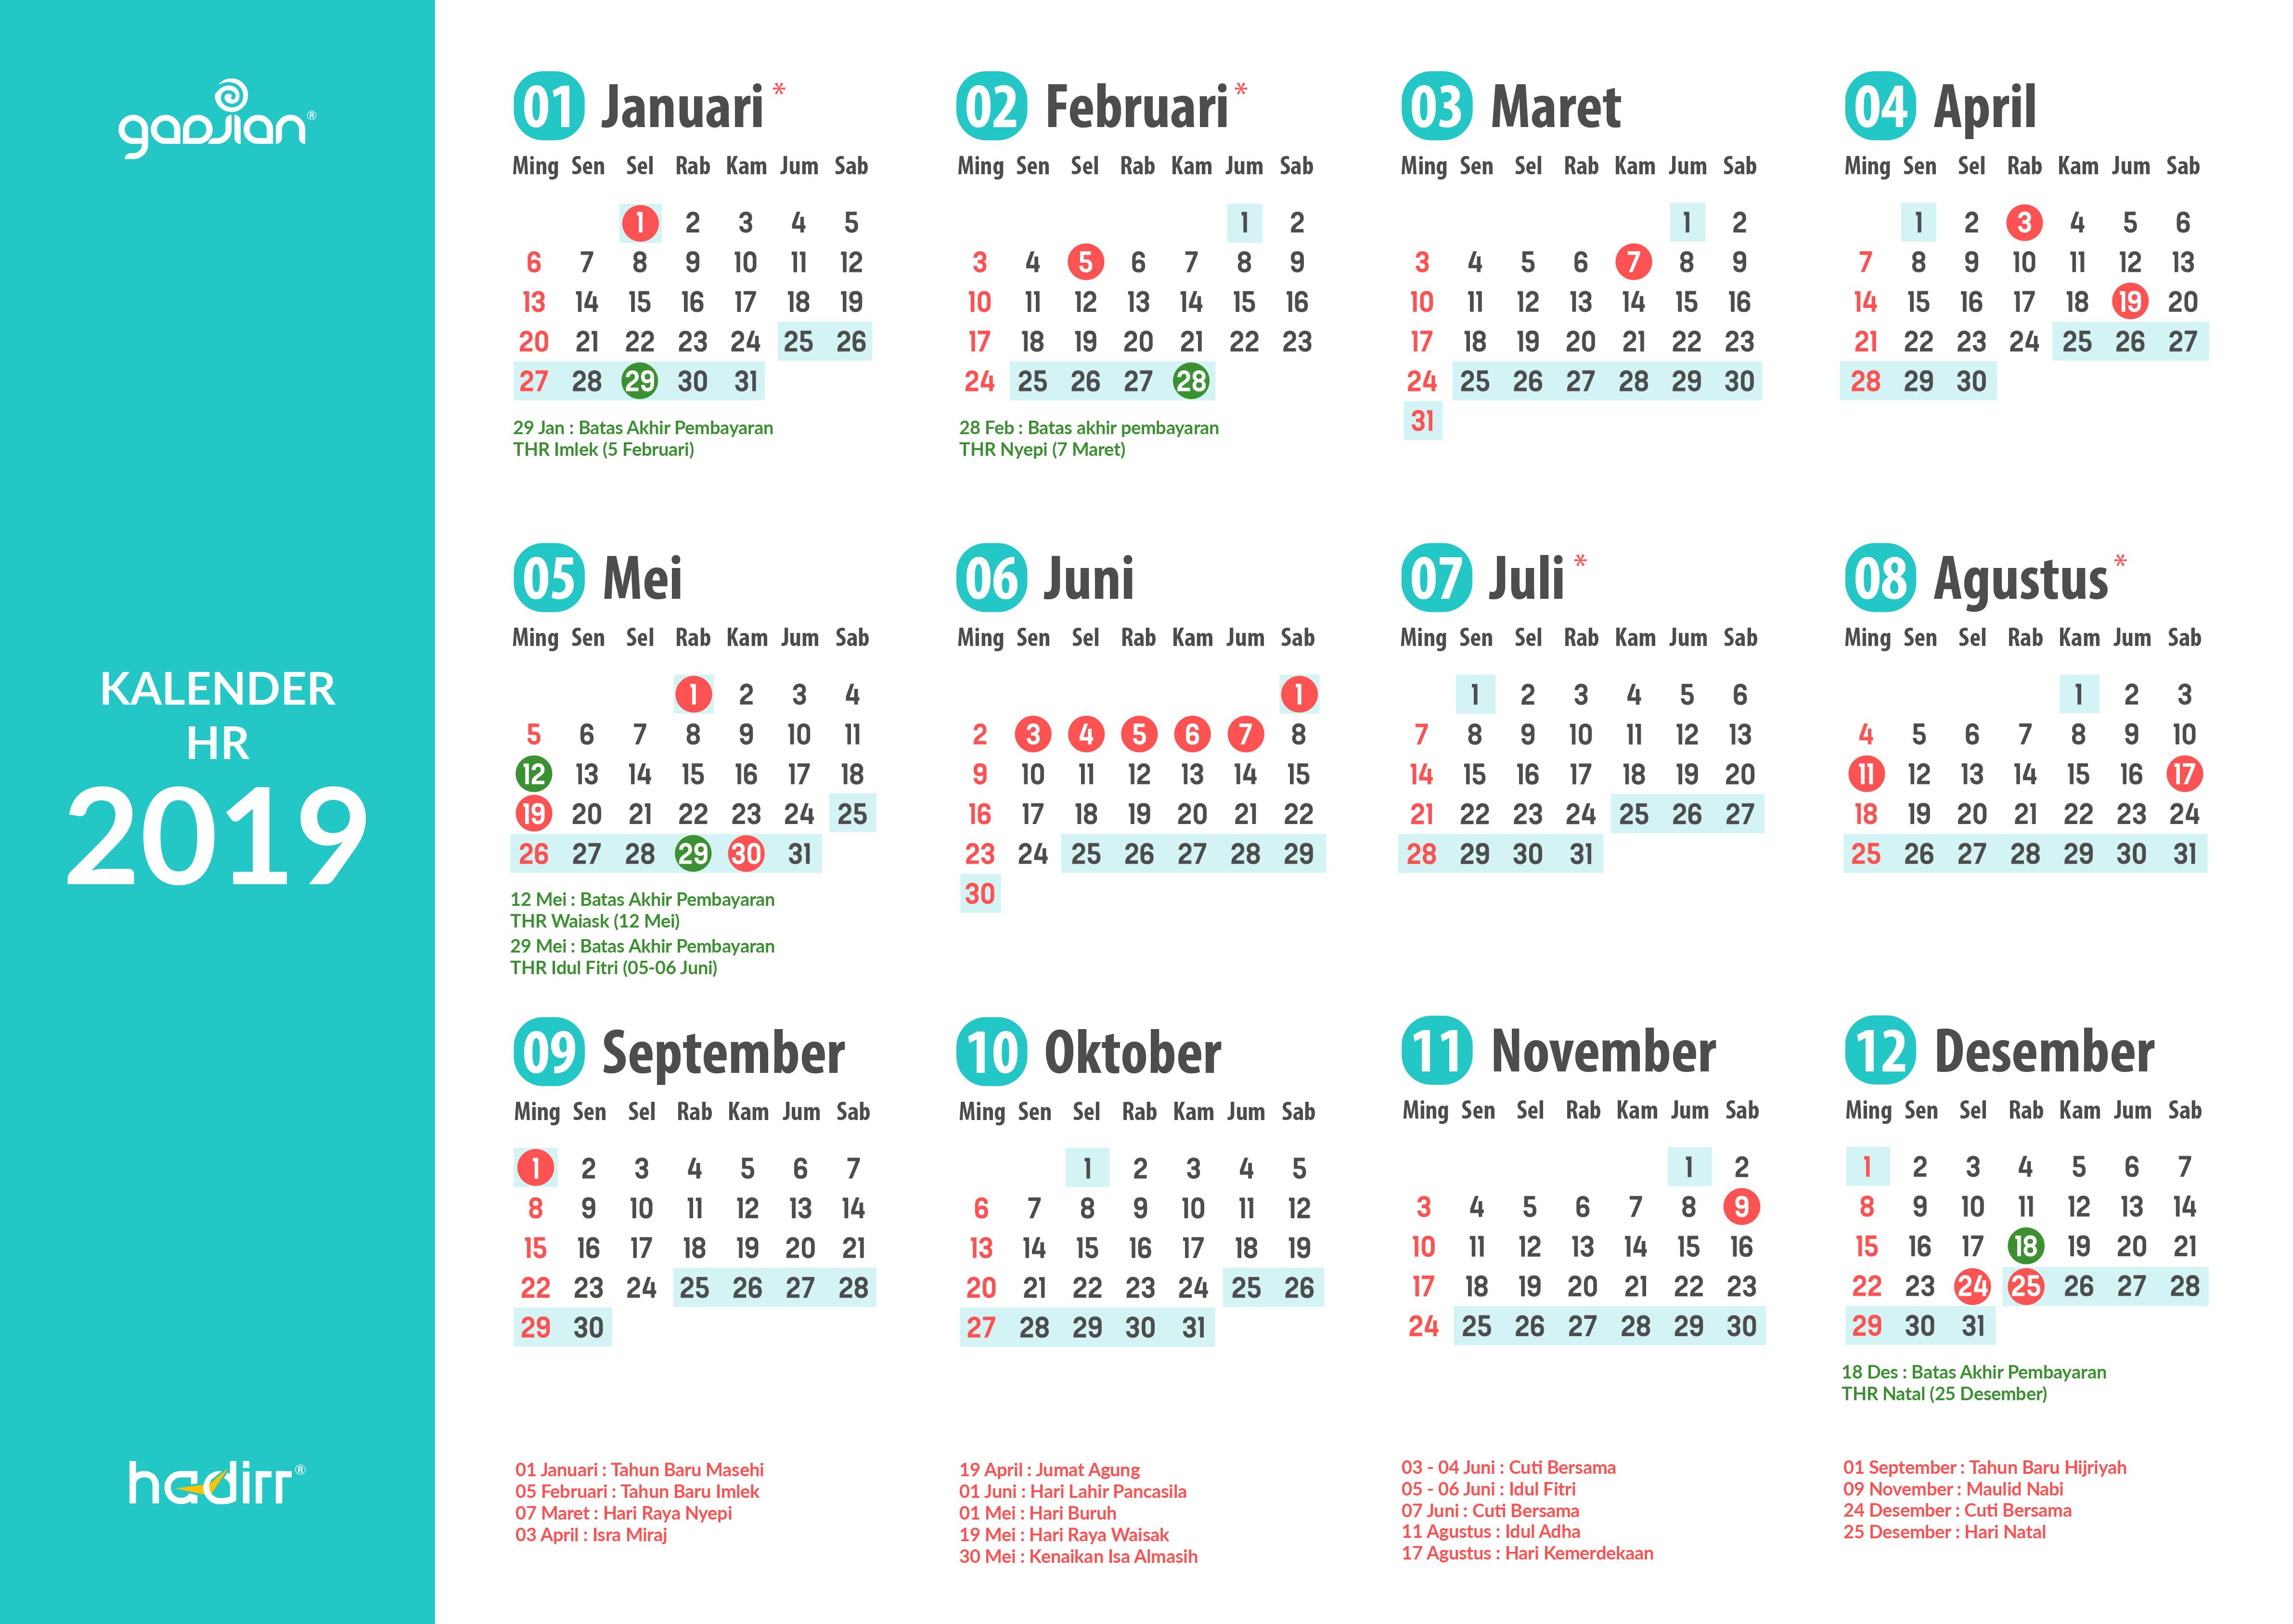 Kalender Hr 2019 Kelola Pekerjaanmu Untuk Setahun Ke Depan